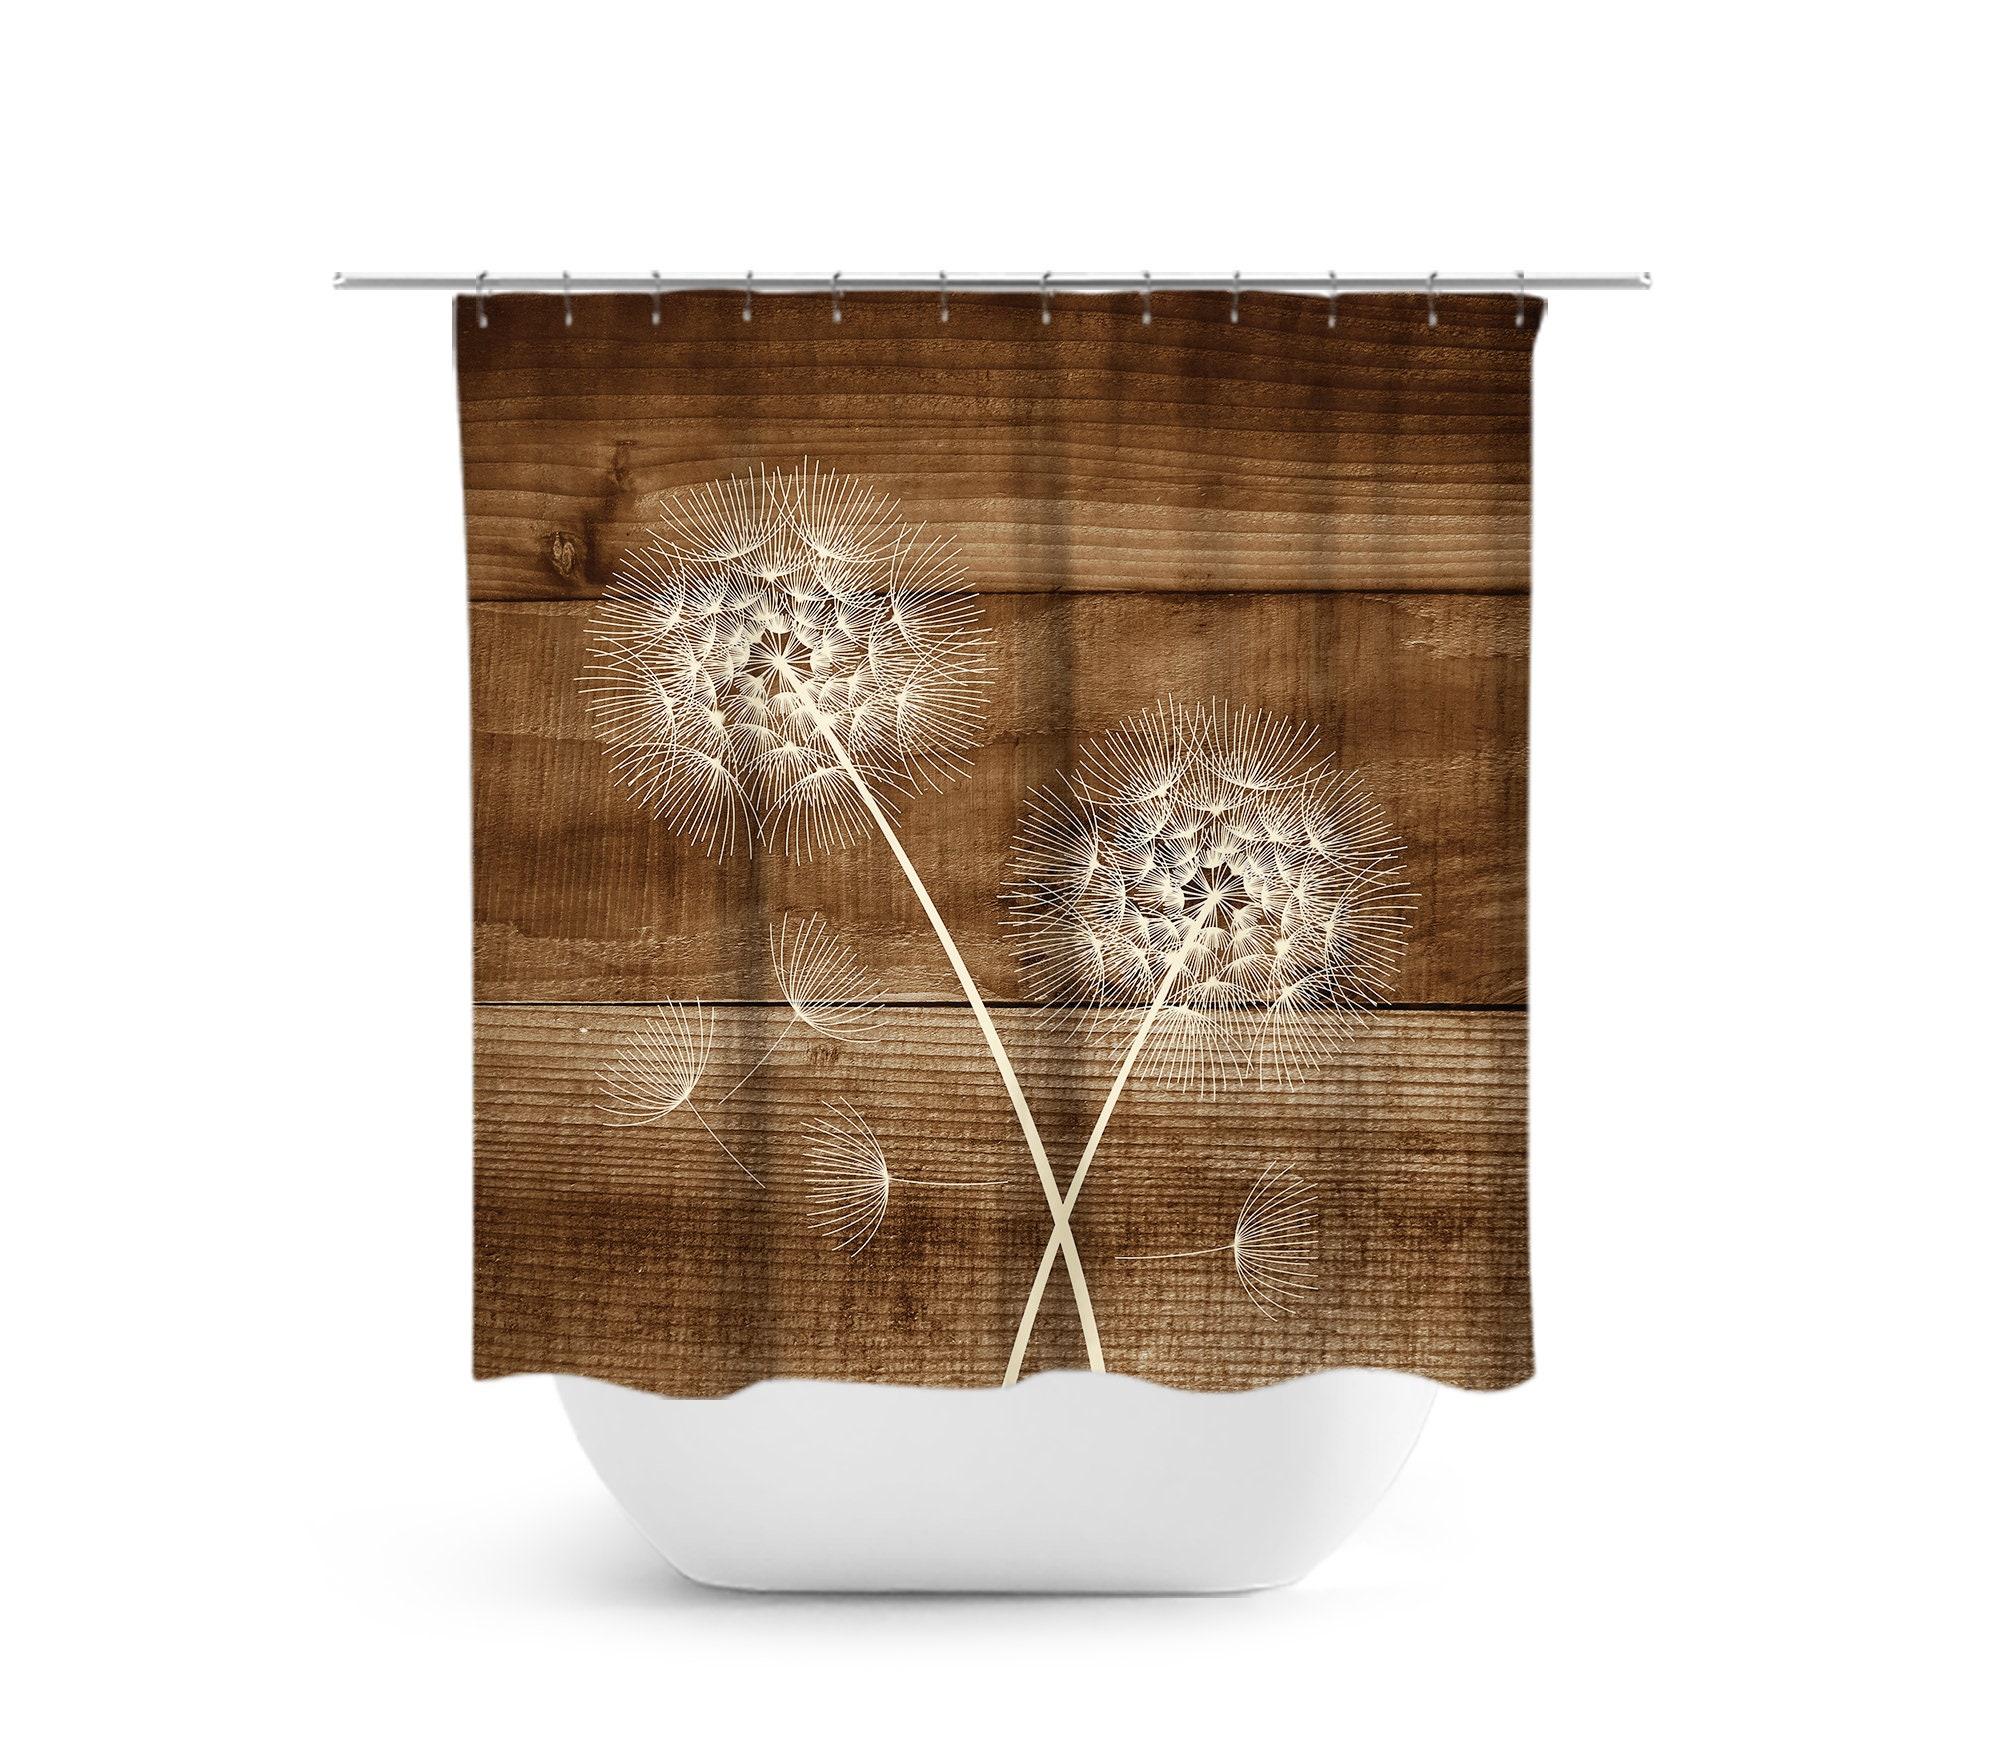 Dandelion Shower Curtain Rustic Bathroom Decor Bath